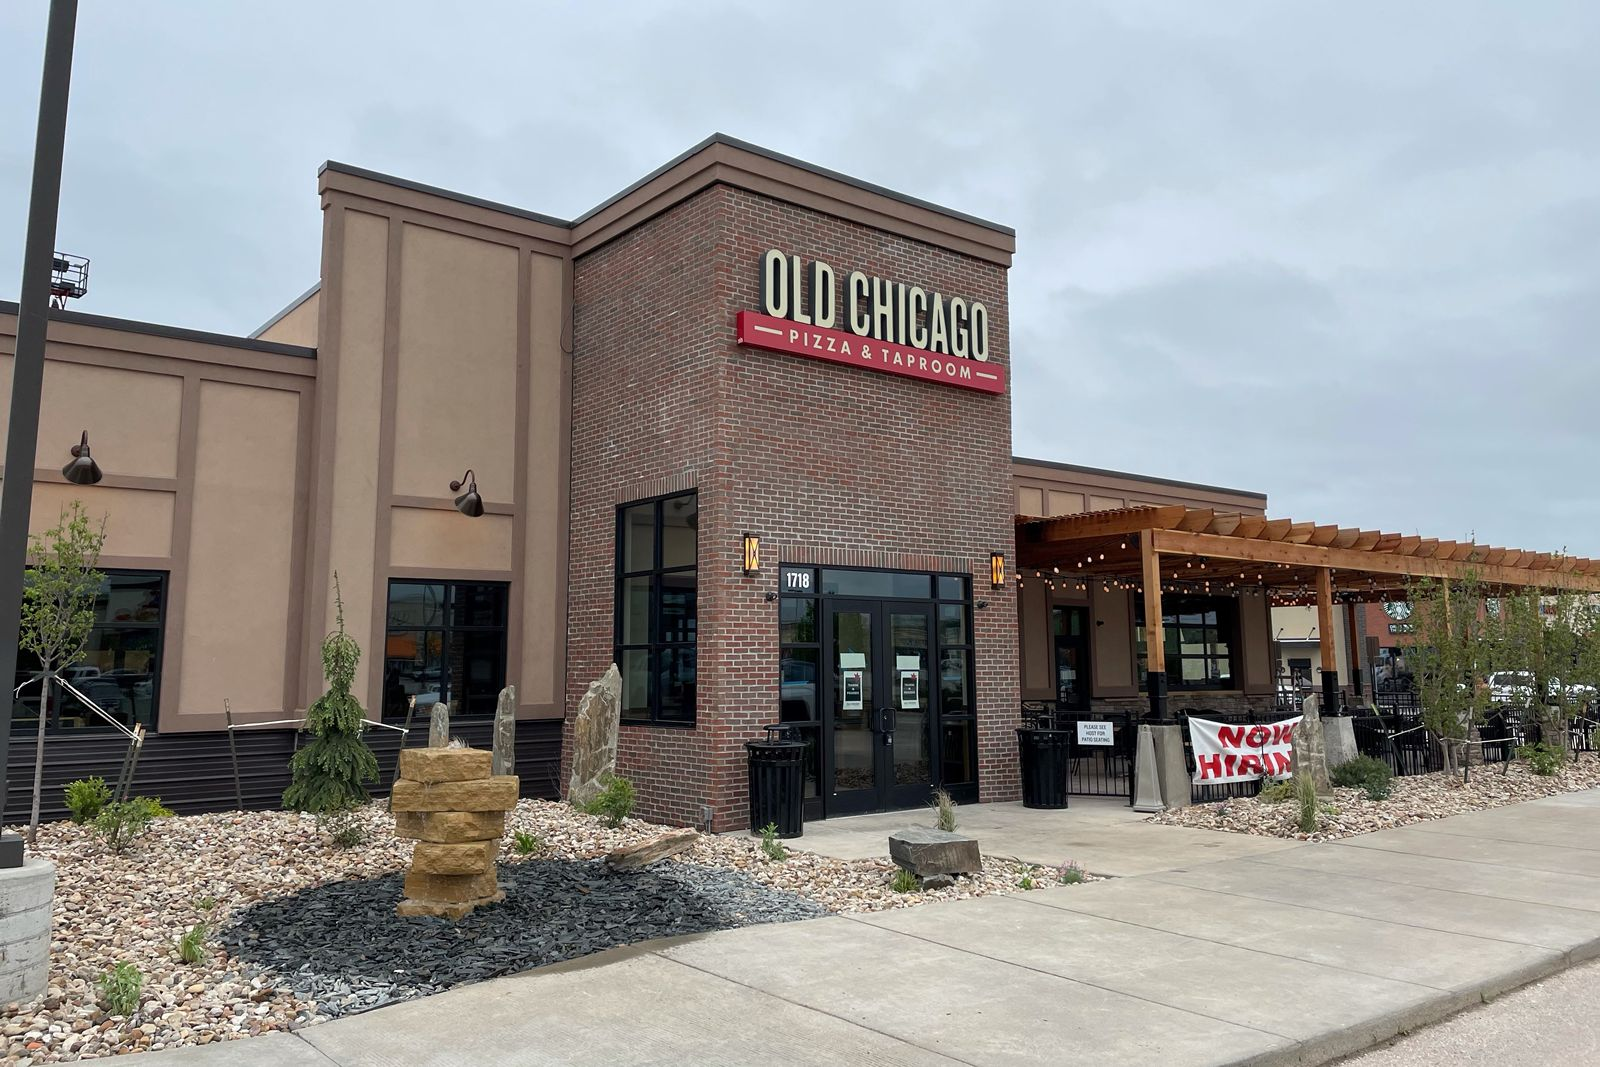 Ouverture de Old Chicago Pizza & Taproom à Rapid City, SD